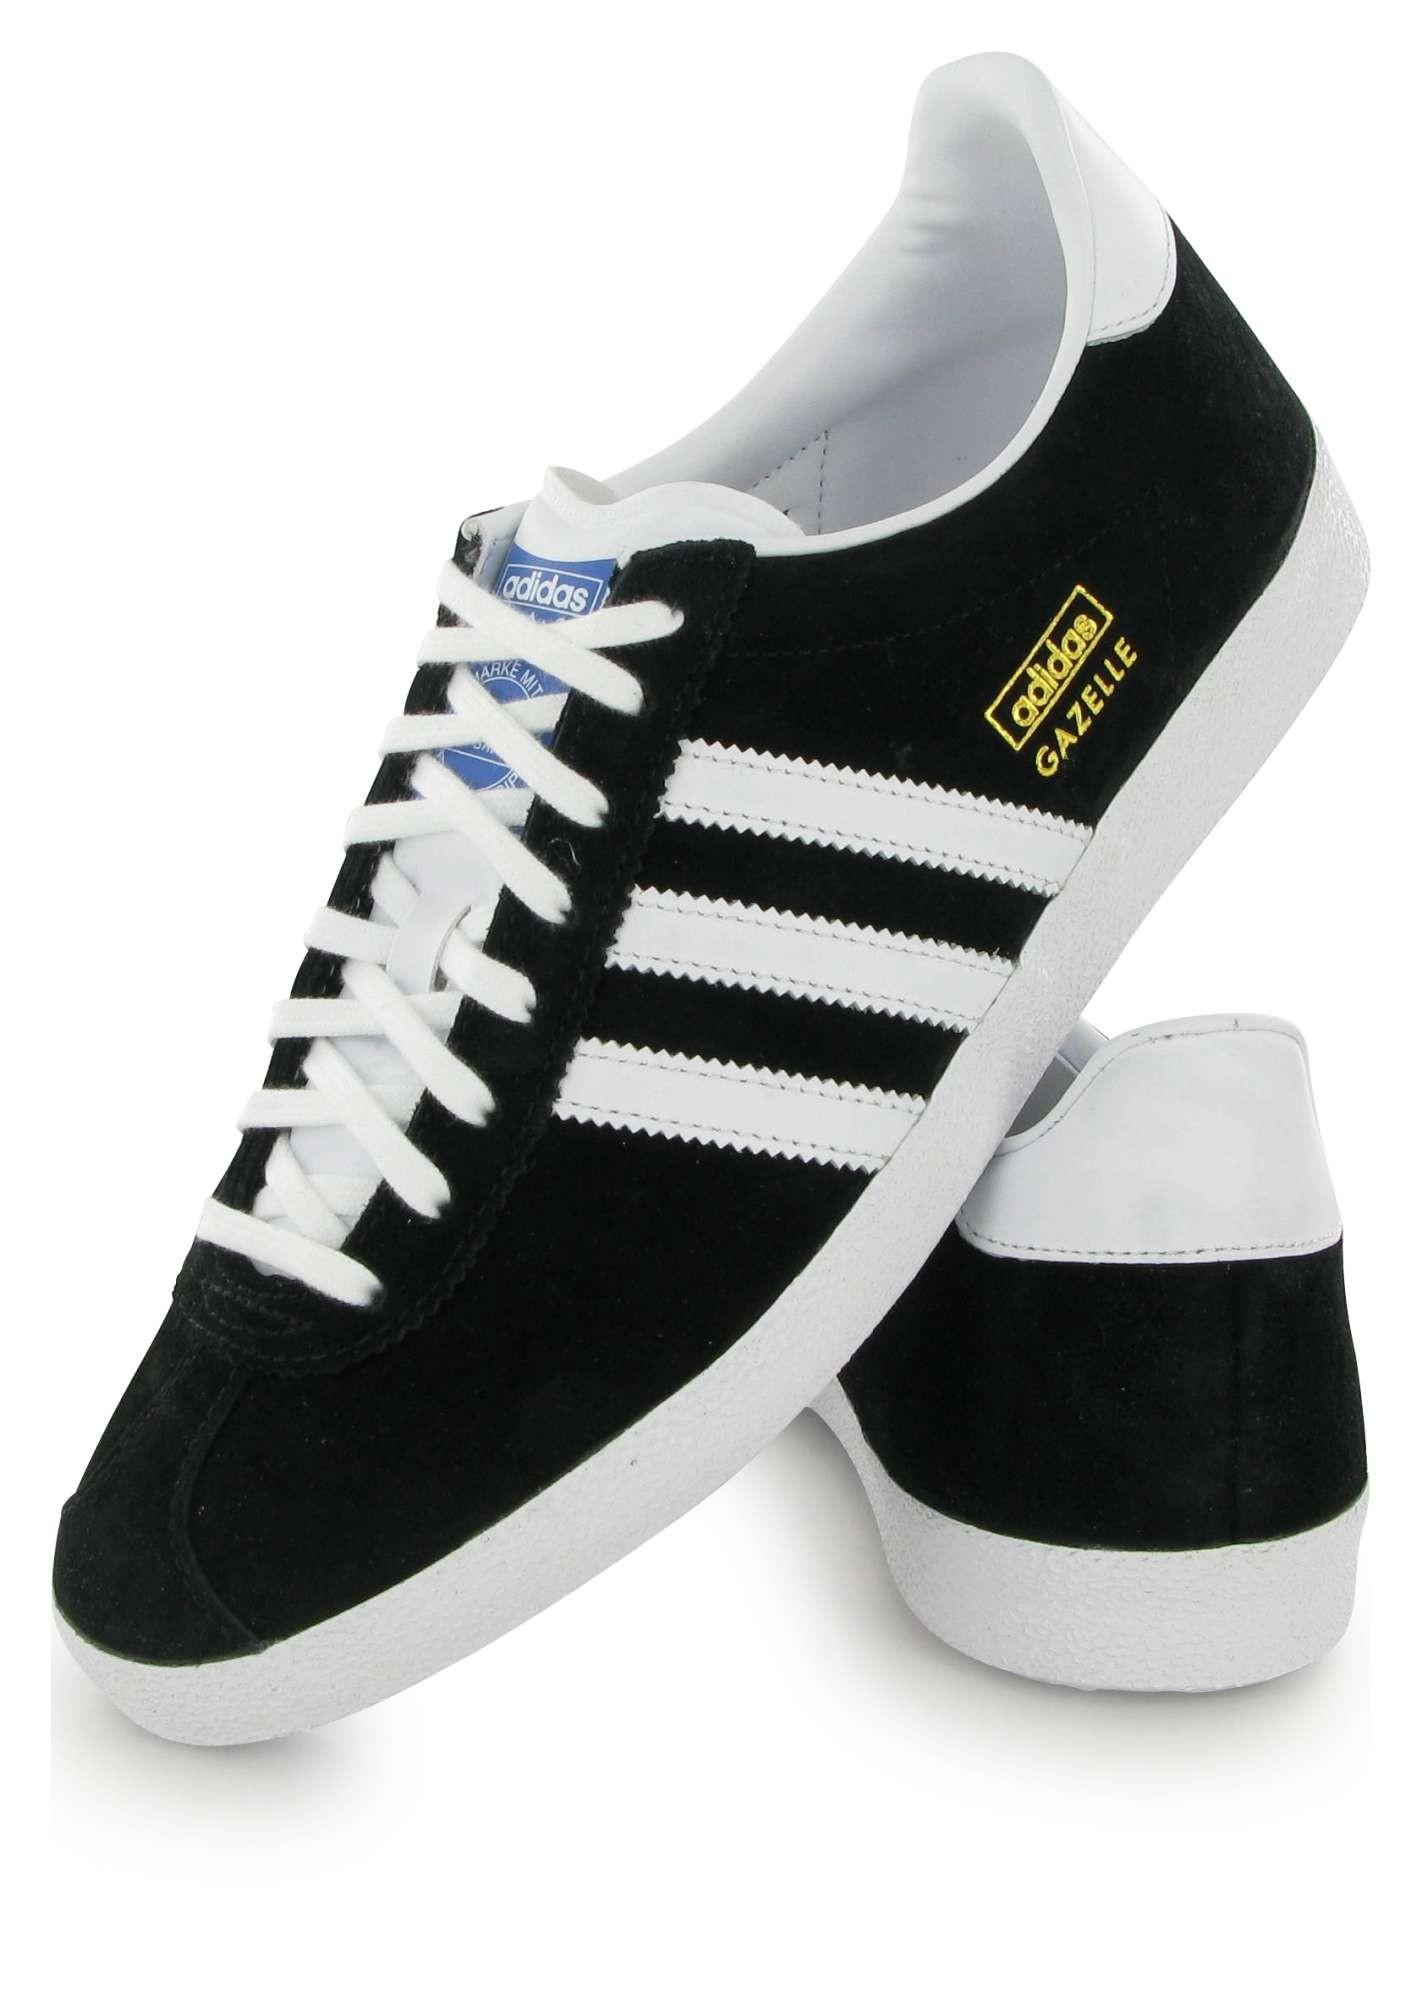 0459c0ad971 adidas gazelle og noir soldes